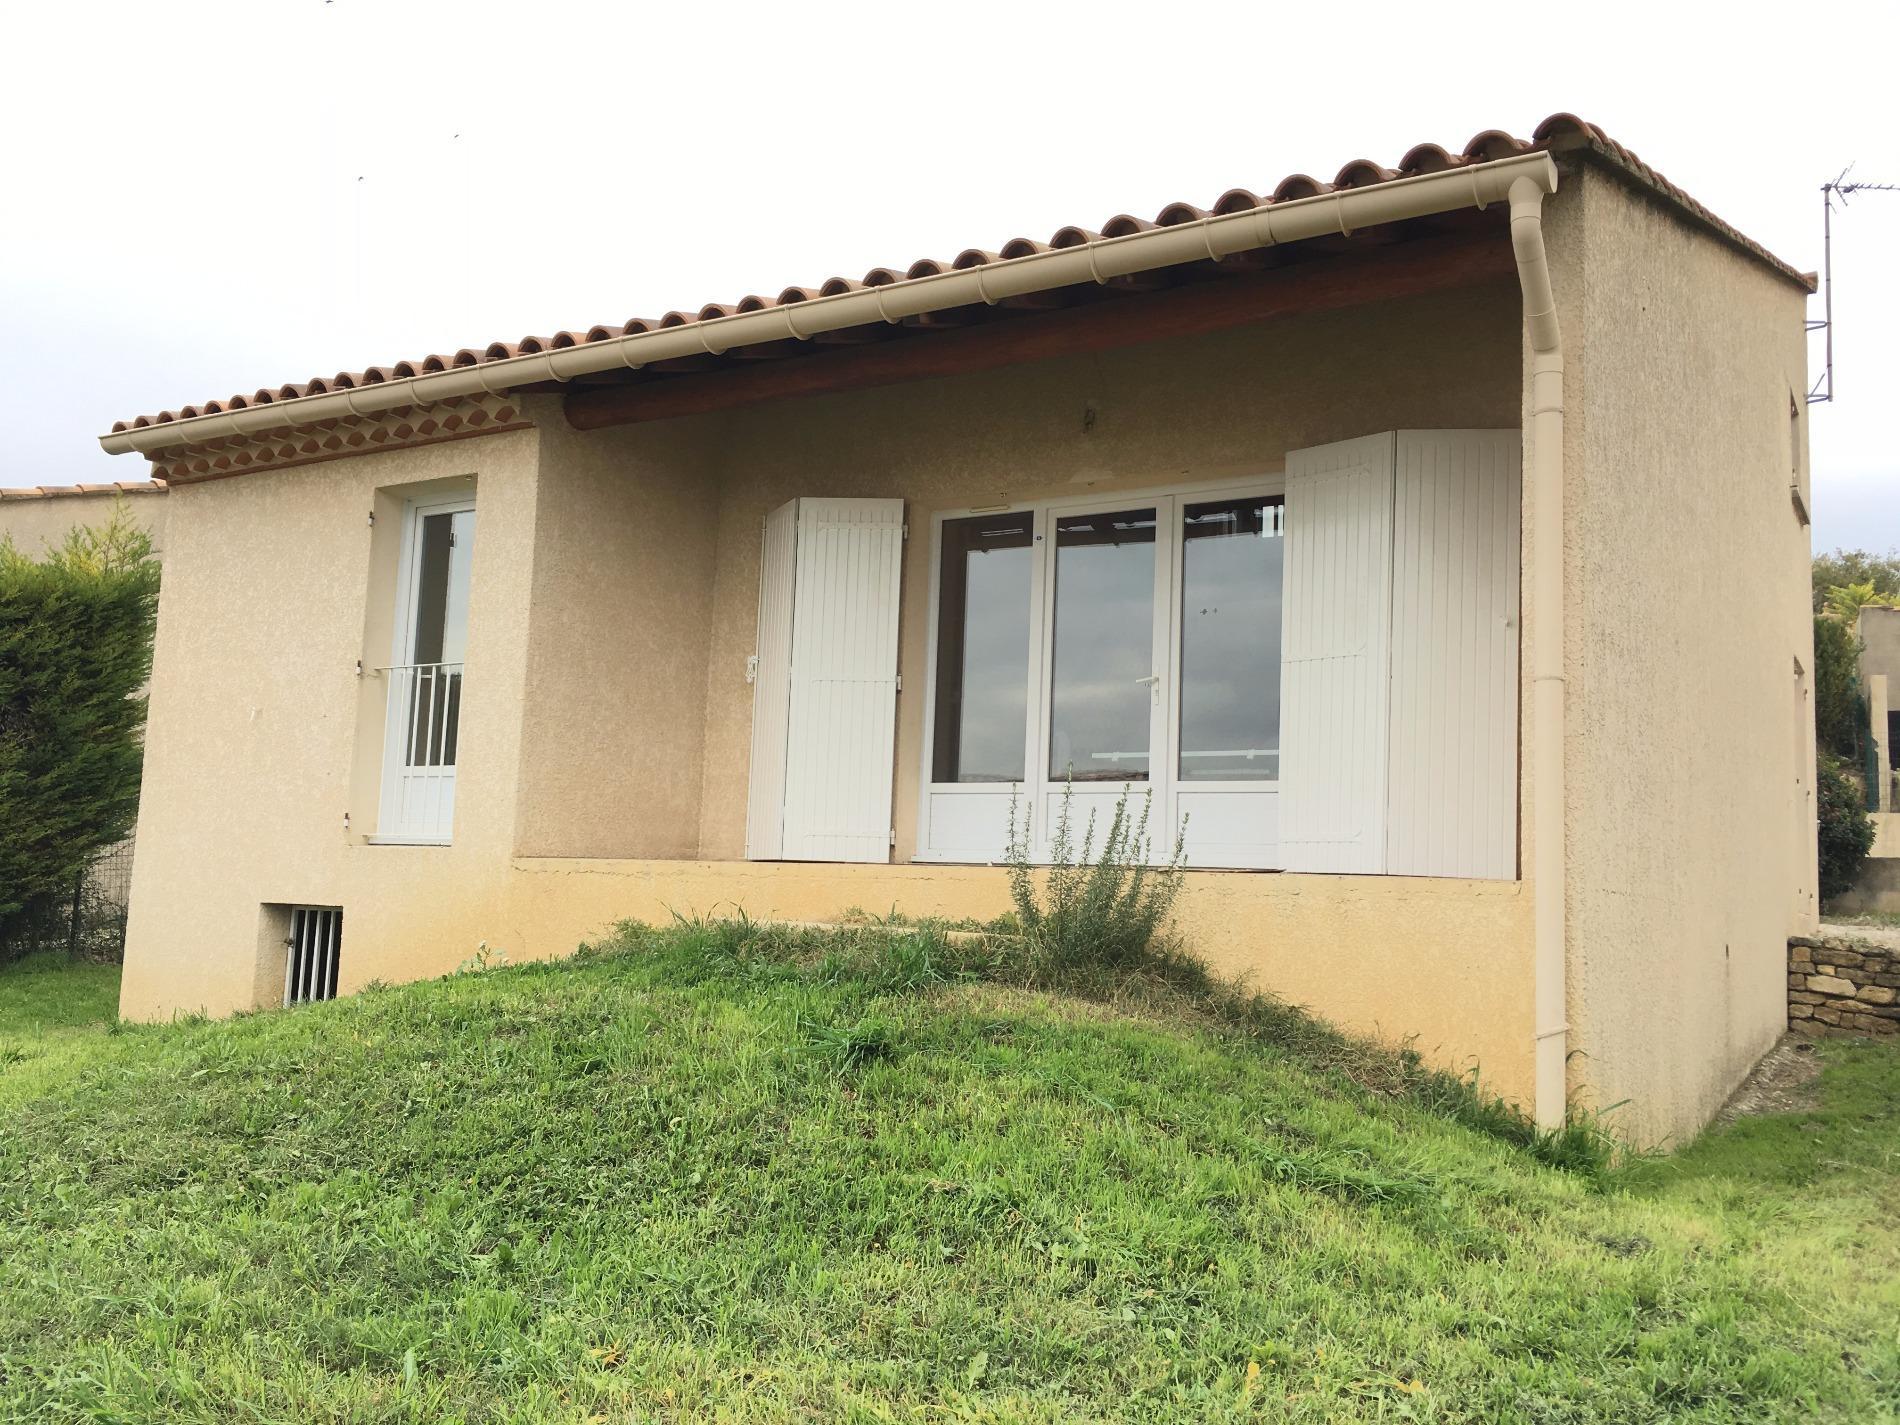 Annonce location maison fourn s 30210 86 m 835 for Annonce de location de maison